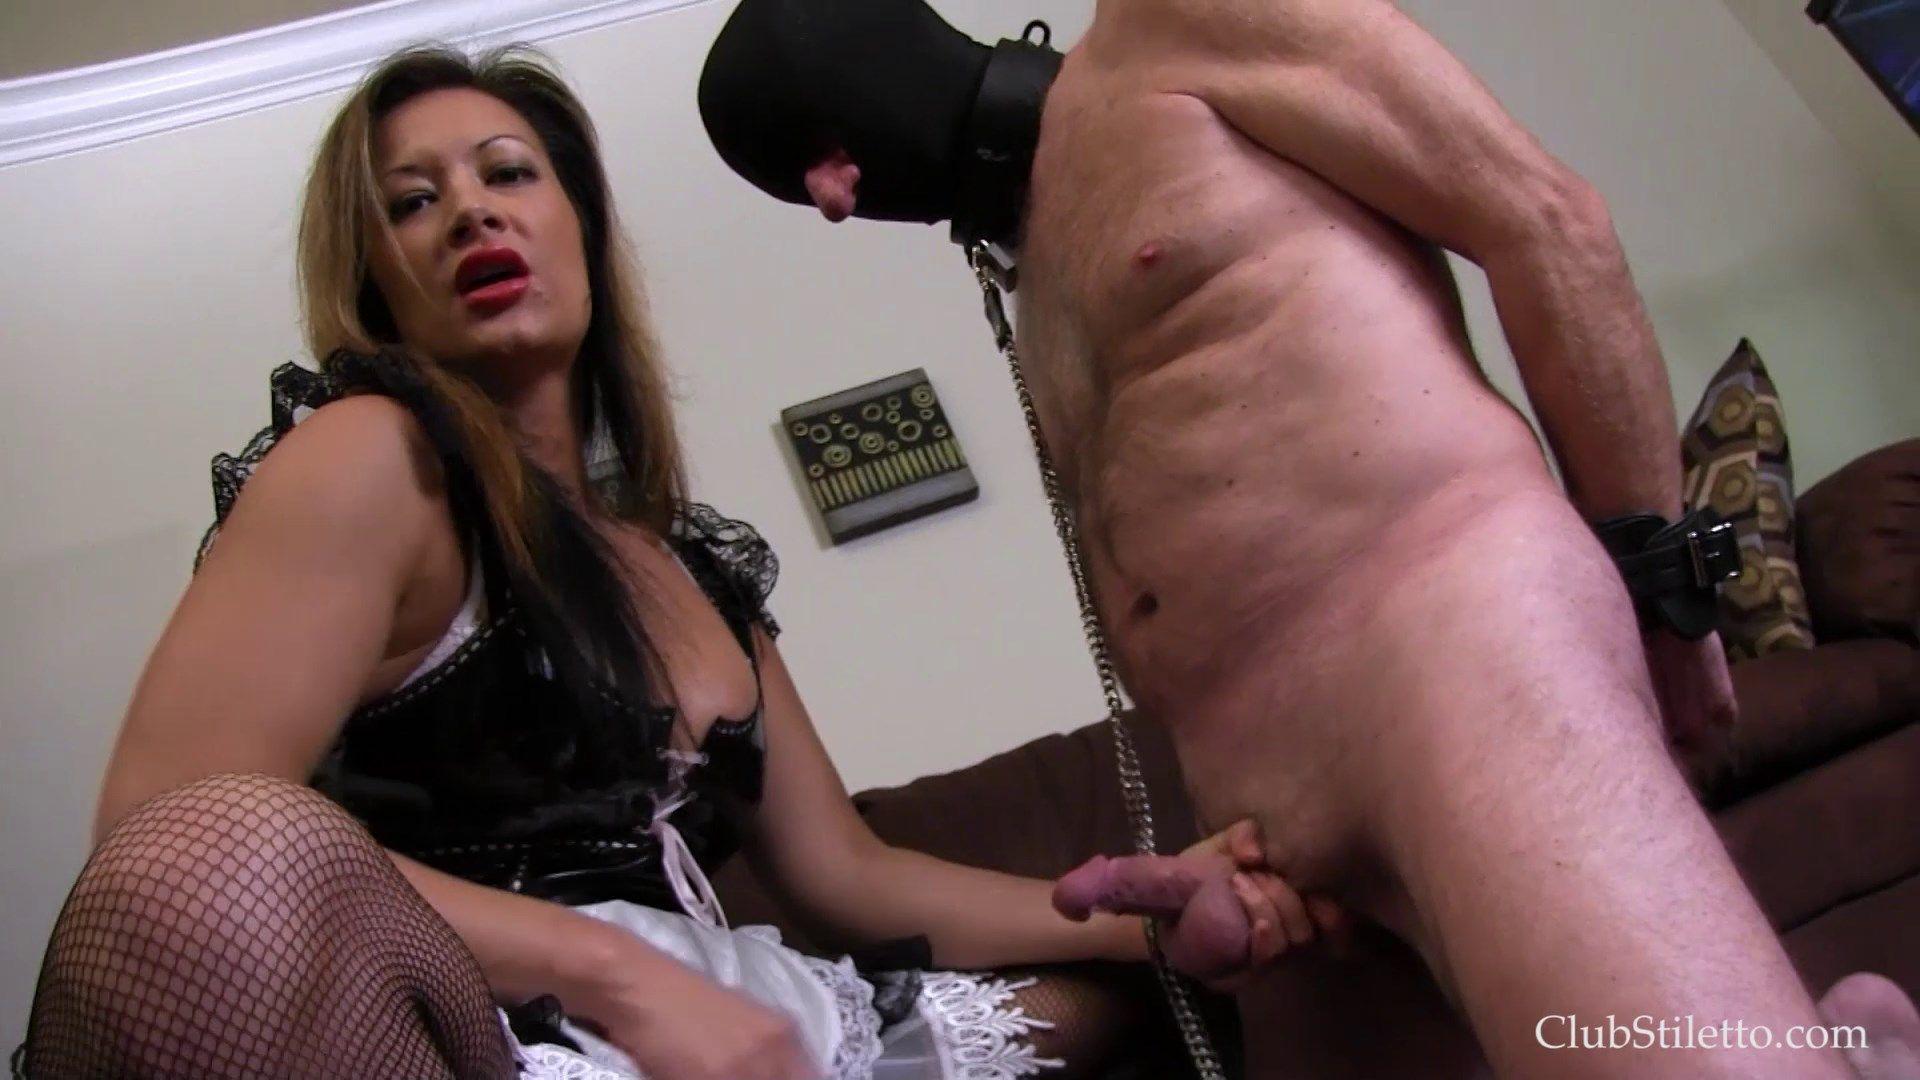 Carmen electra ass and boobs